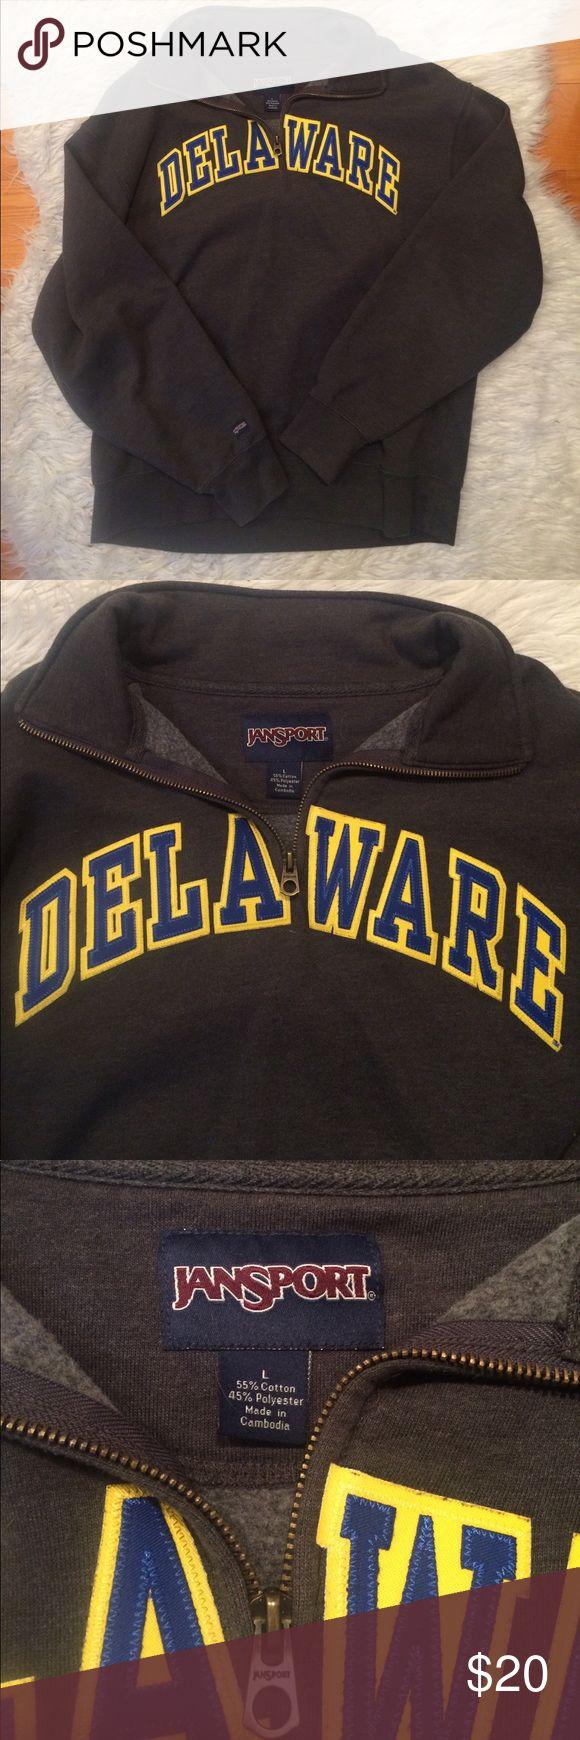 Delaware Sweatshirt Jansport, University of Delaware sweatshirt, L Jansport Tops Sweatshirts & Hoodies